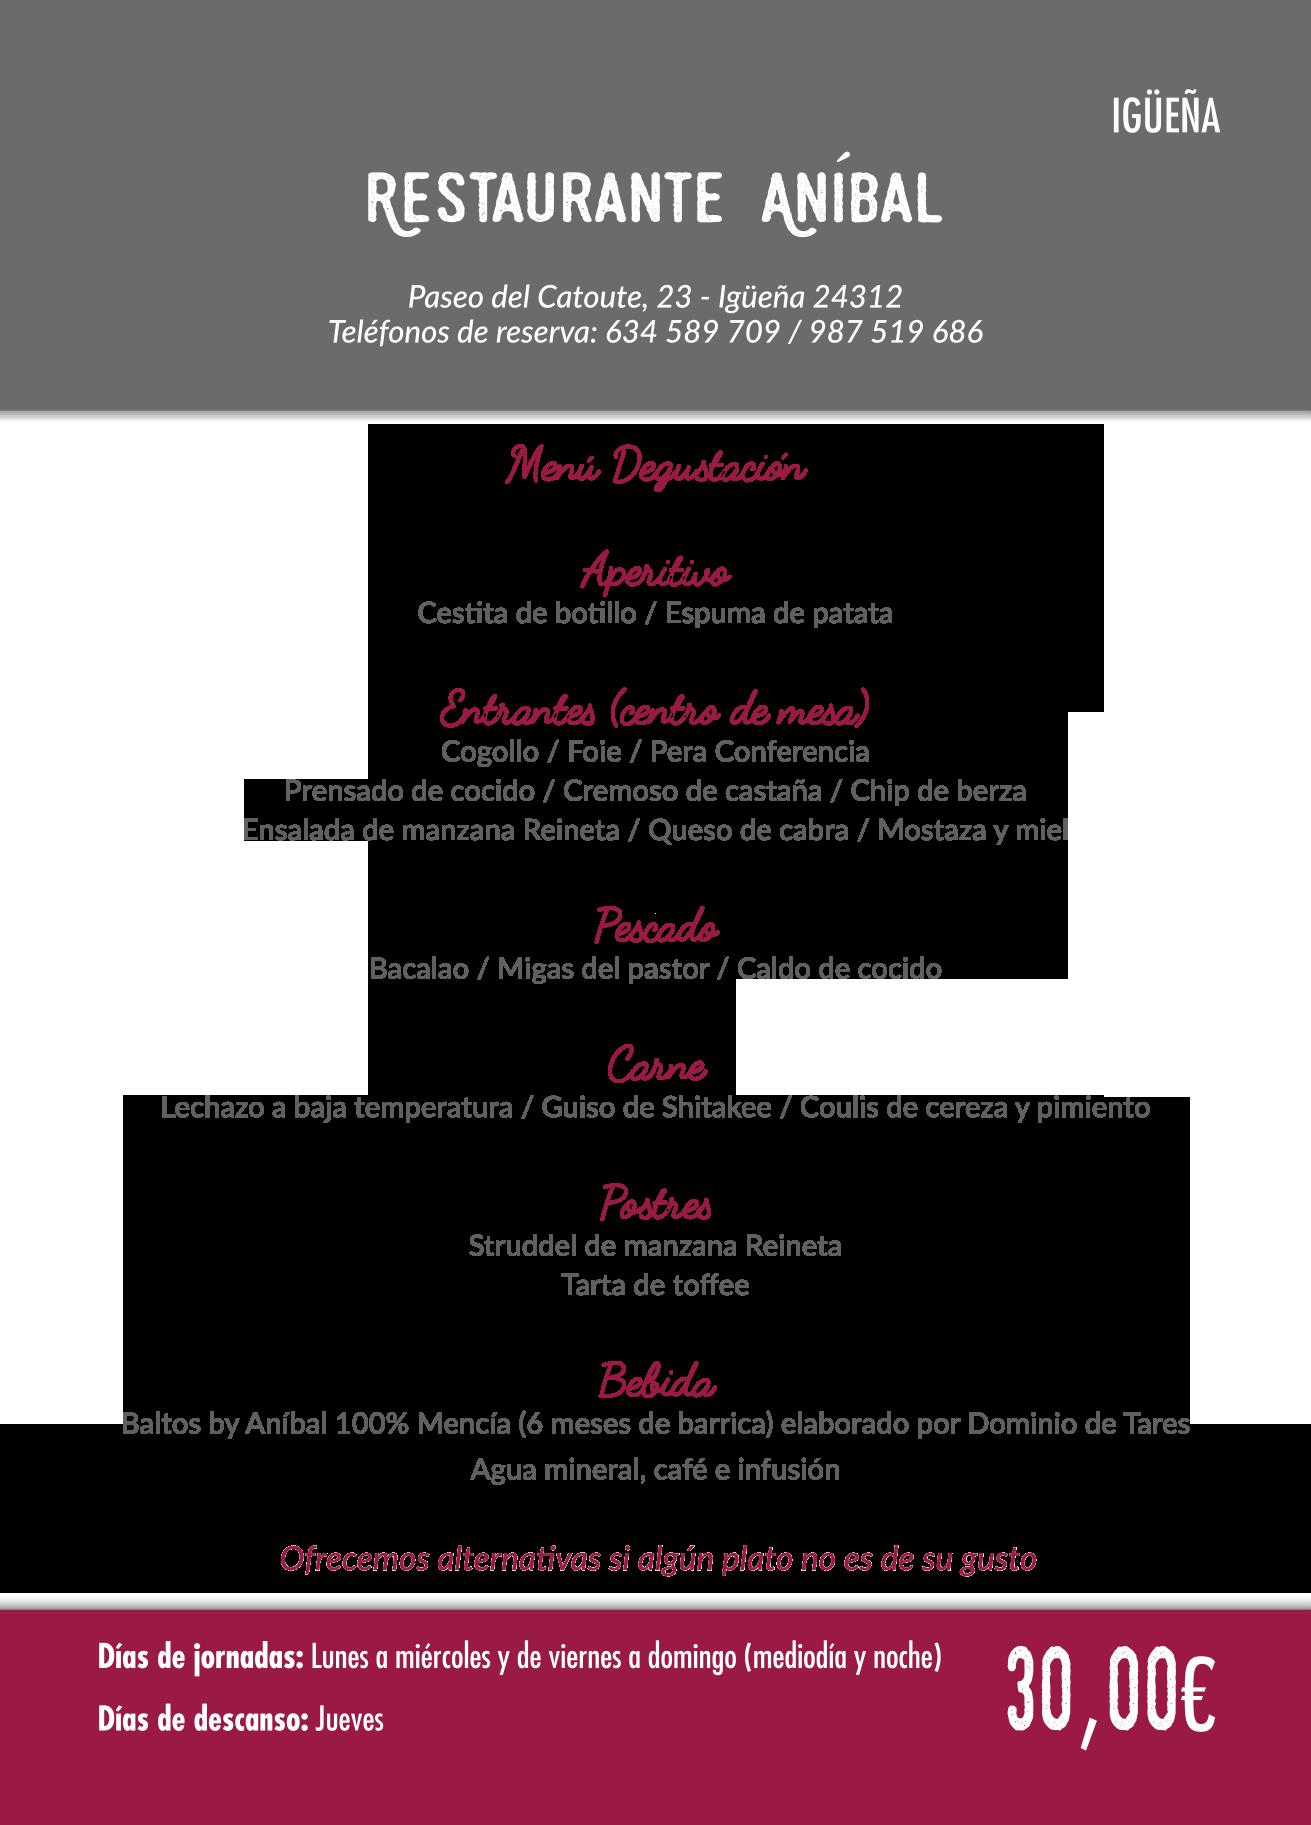 Las Jornadas Gastronómicas del Bierzo llegan a su 35 edición. Consulta los menús de esta edición 35